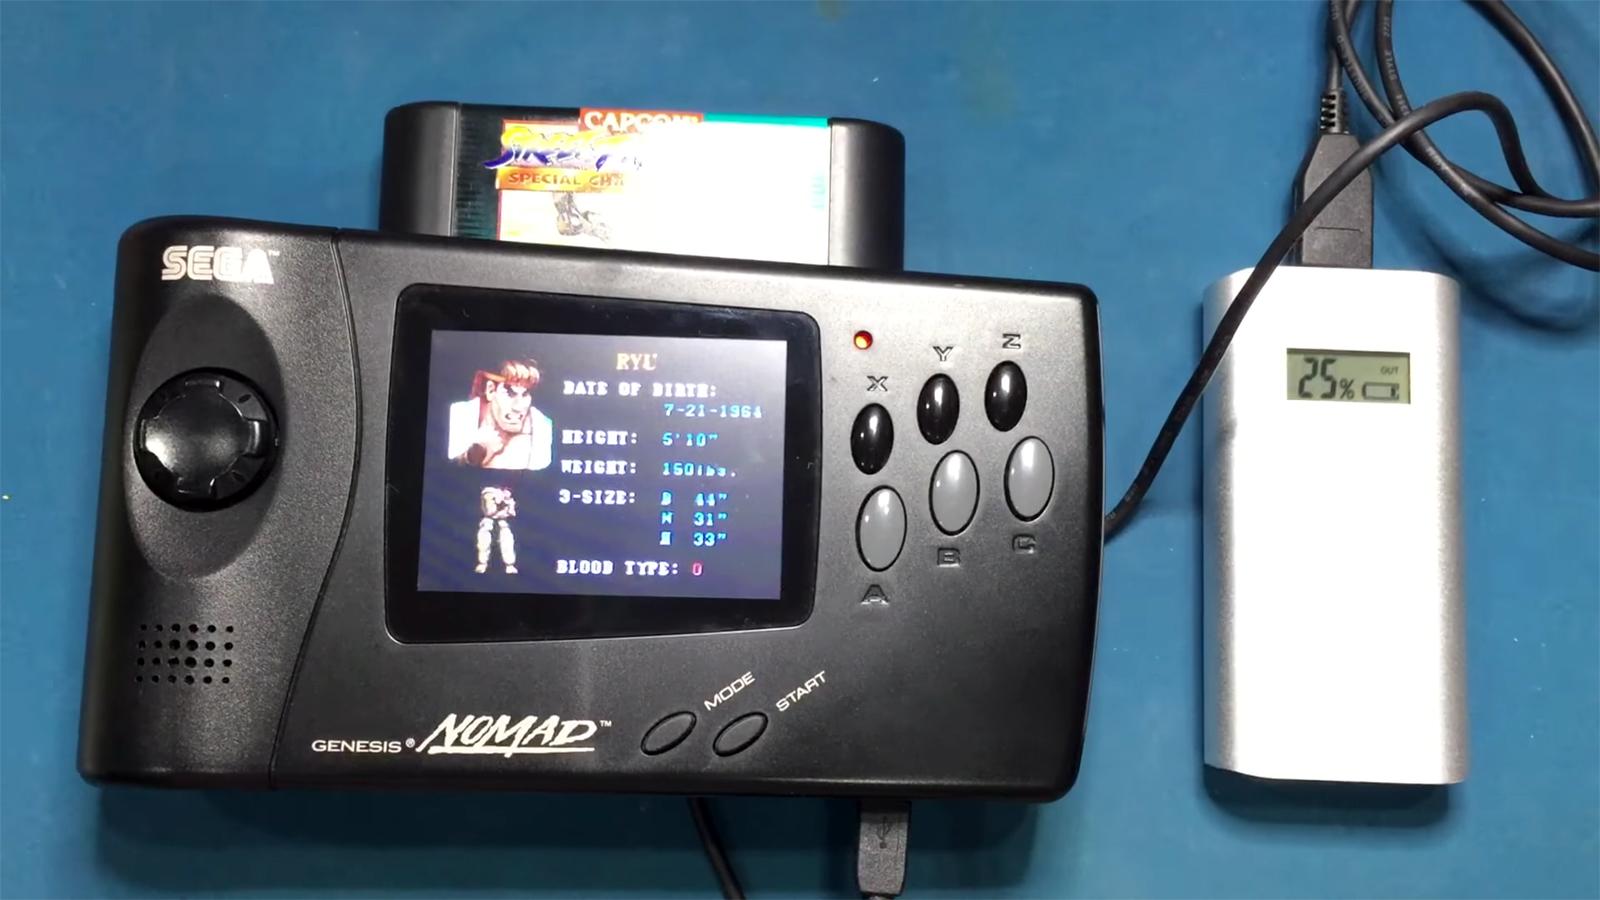 Consiguen hacer funcionar la mítica Genesis Nomad con una batería externa USB